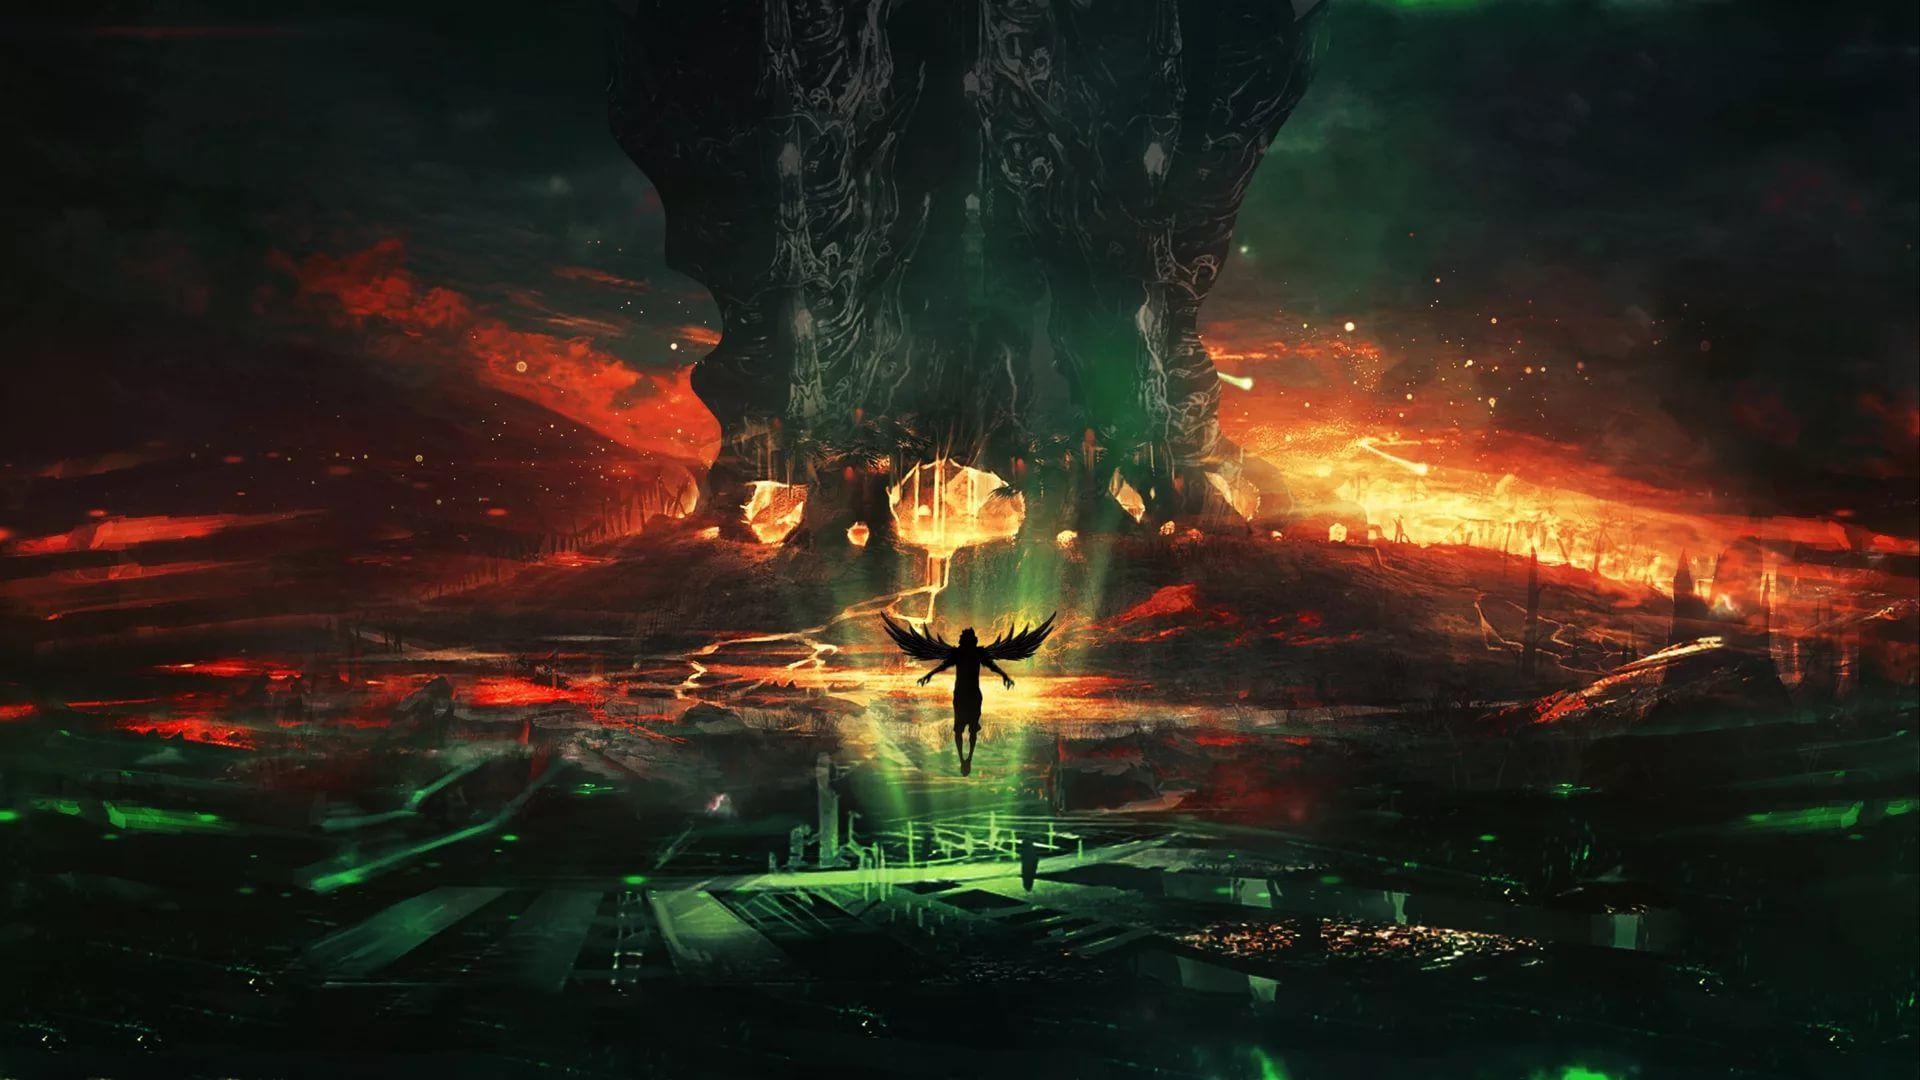 Hell 1080p Wallpaper